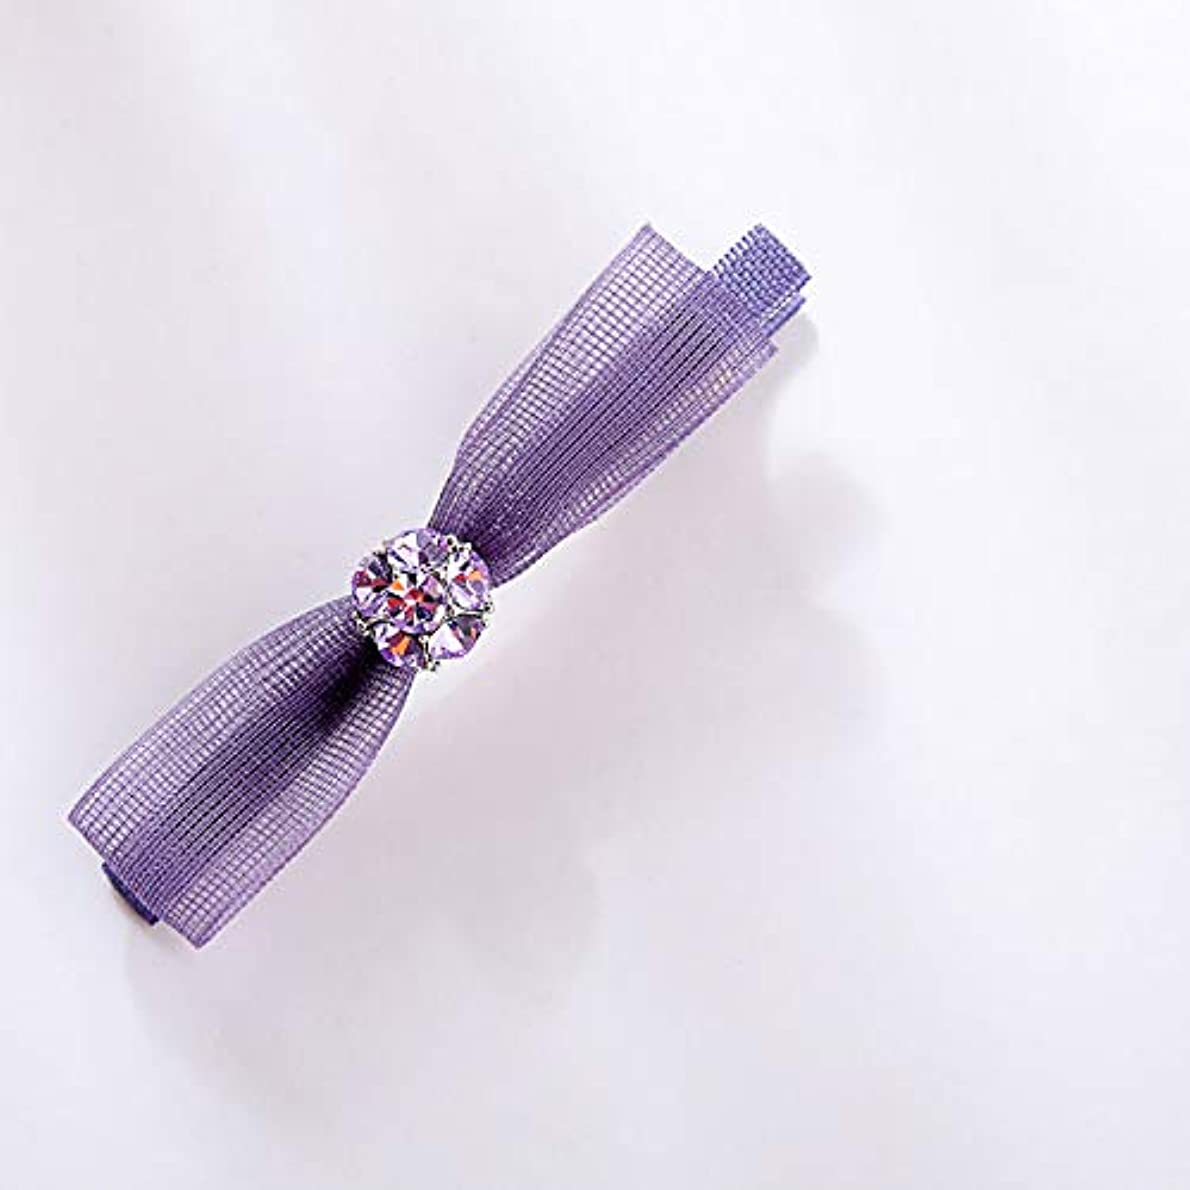 タイピストヘビー飢饉HuaQingPiJu-JP ファッションロゼットヘアピン便利なヘアクリップ女性の結婚式のアクセサリー(パープル)